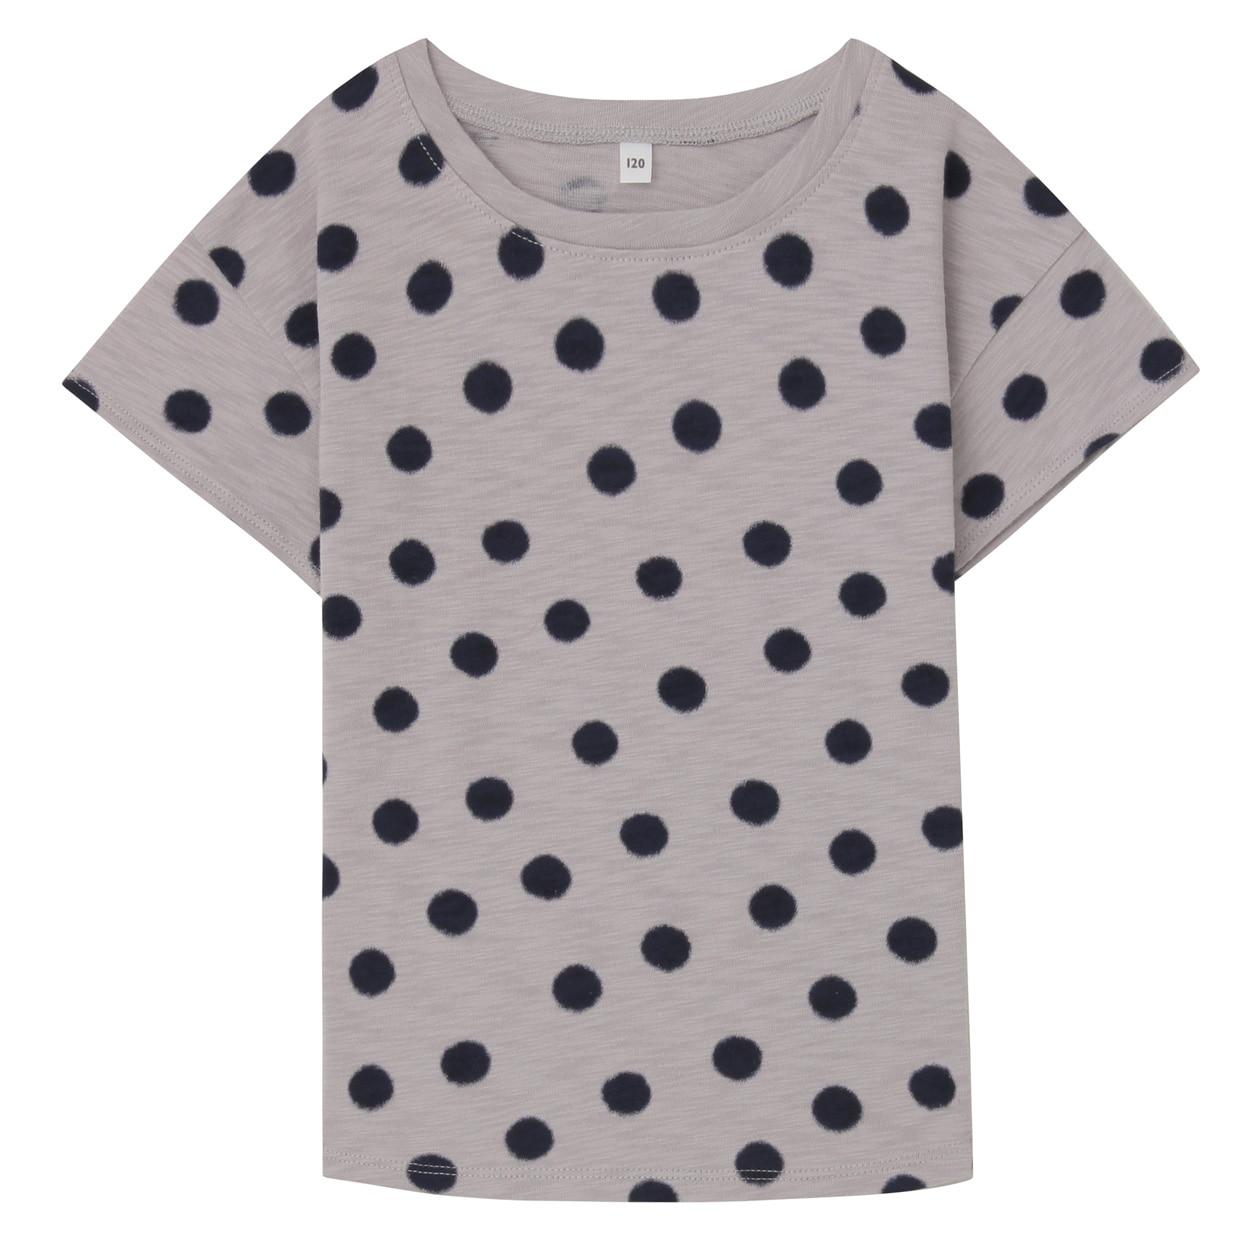 毎日のこども服オーガニックコットンムラ糸水玉半袖Tシャツ(キッズ)